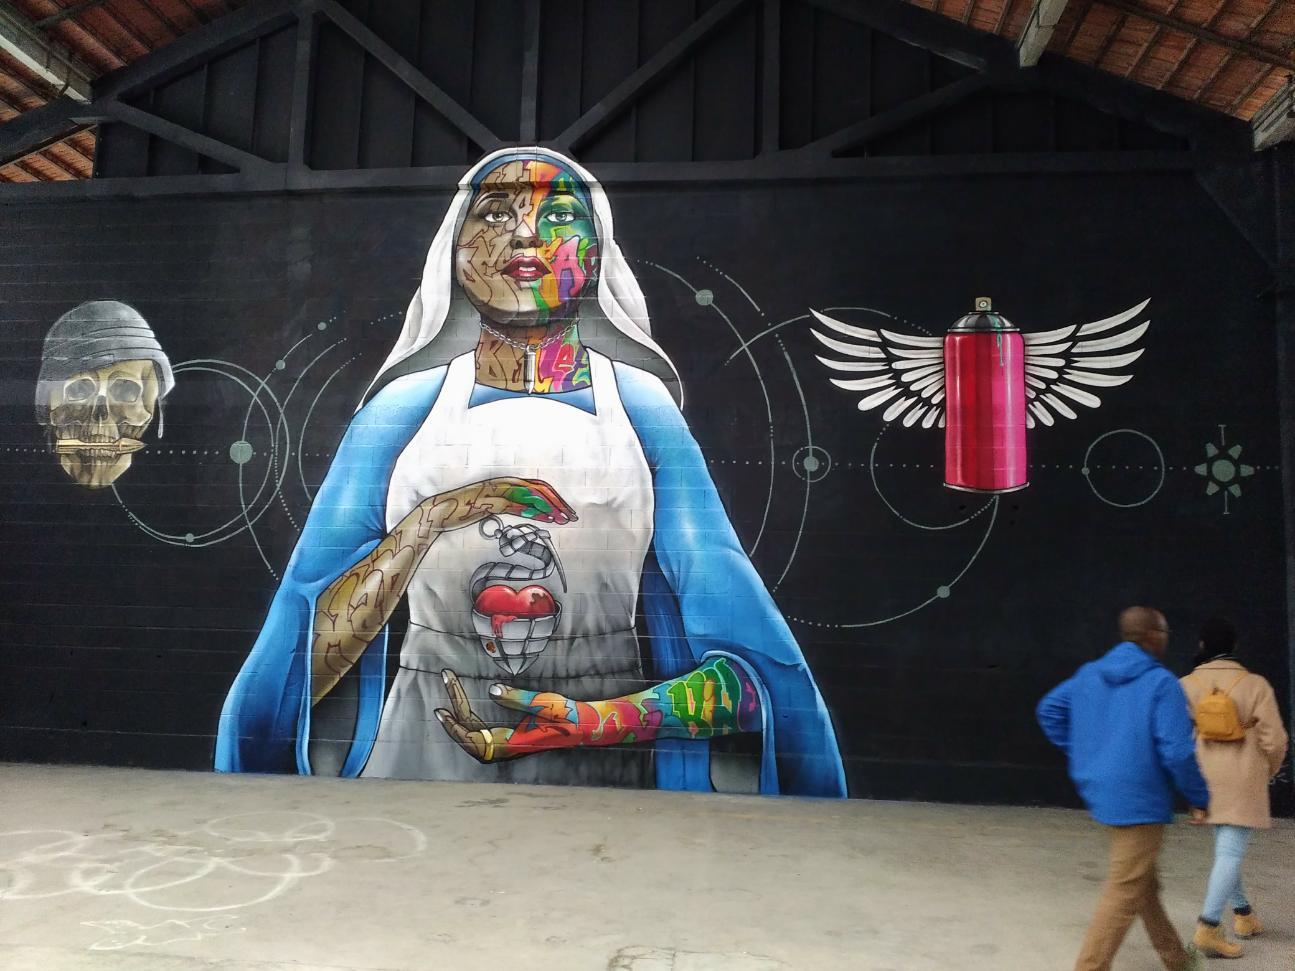 Plasticien urbain professionnel. Né en 1974. Snake artiste indépendant autodidacte. Débute dans le Graffiti en 1990.Professionel depuis 2000.  Pluridisciplinaire et touche a tout il pratiqua toute les discipline et forme du Graffiti, du plus technique au plus vandale… Reconnu internationalement, Snake aujourd'hui travaille toutes sortes de projets, avec de grandes collaborations institutionnelles.